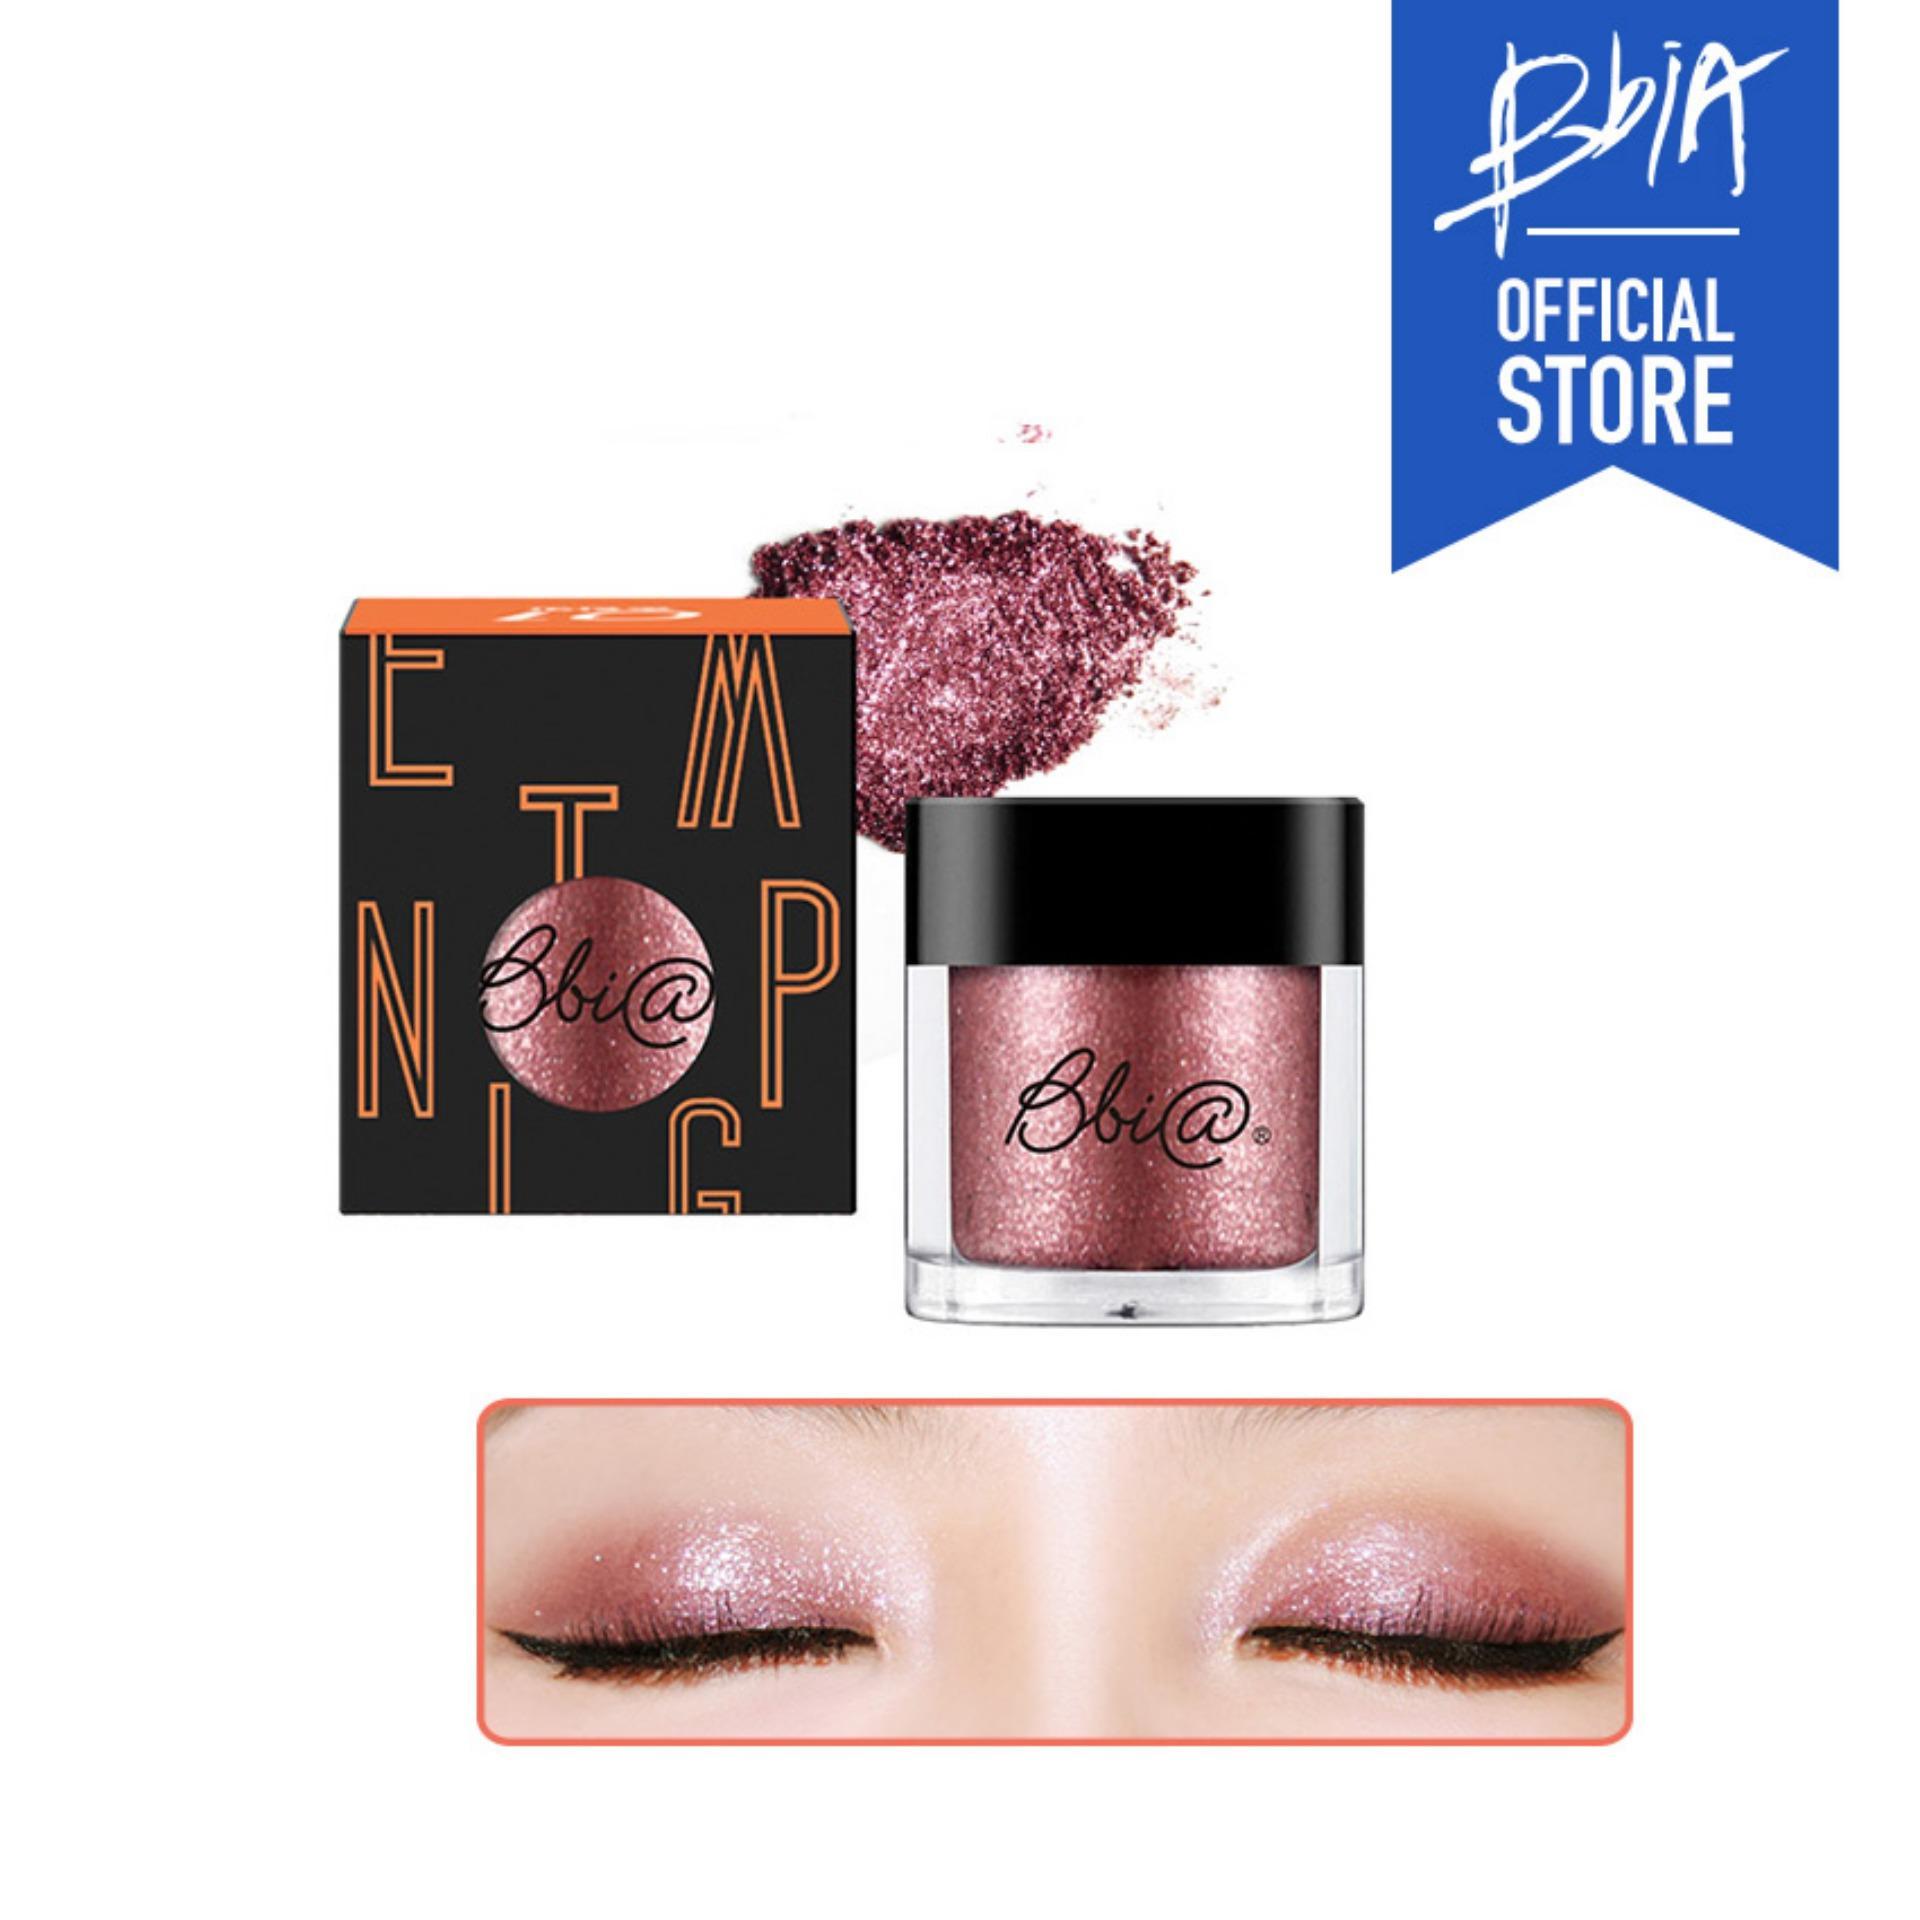 Phấn mắt nhũ Bbia Pigment - 05 Bitter Taste (Màu đỏ tía pha nâu) tốt nhất